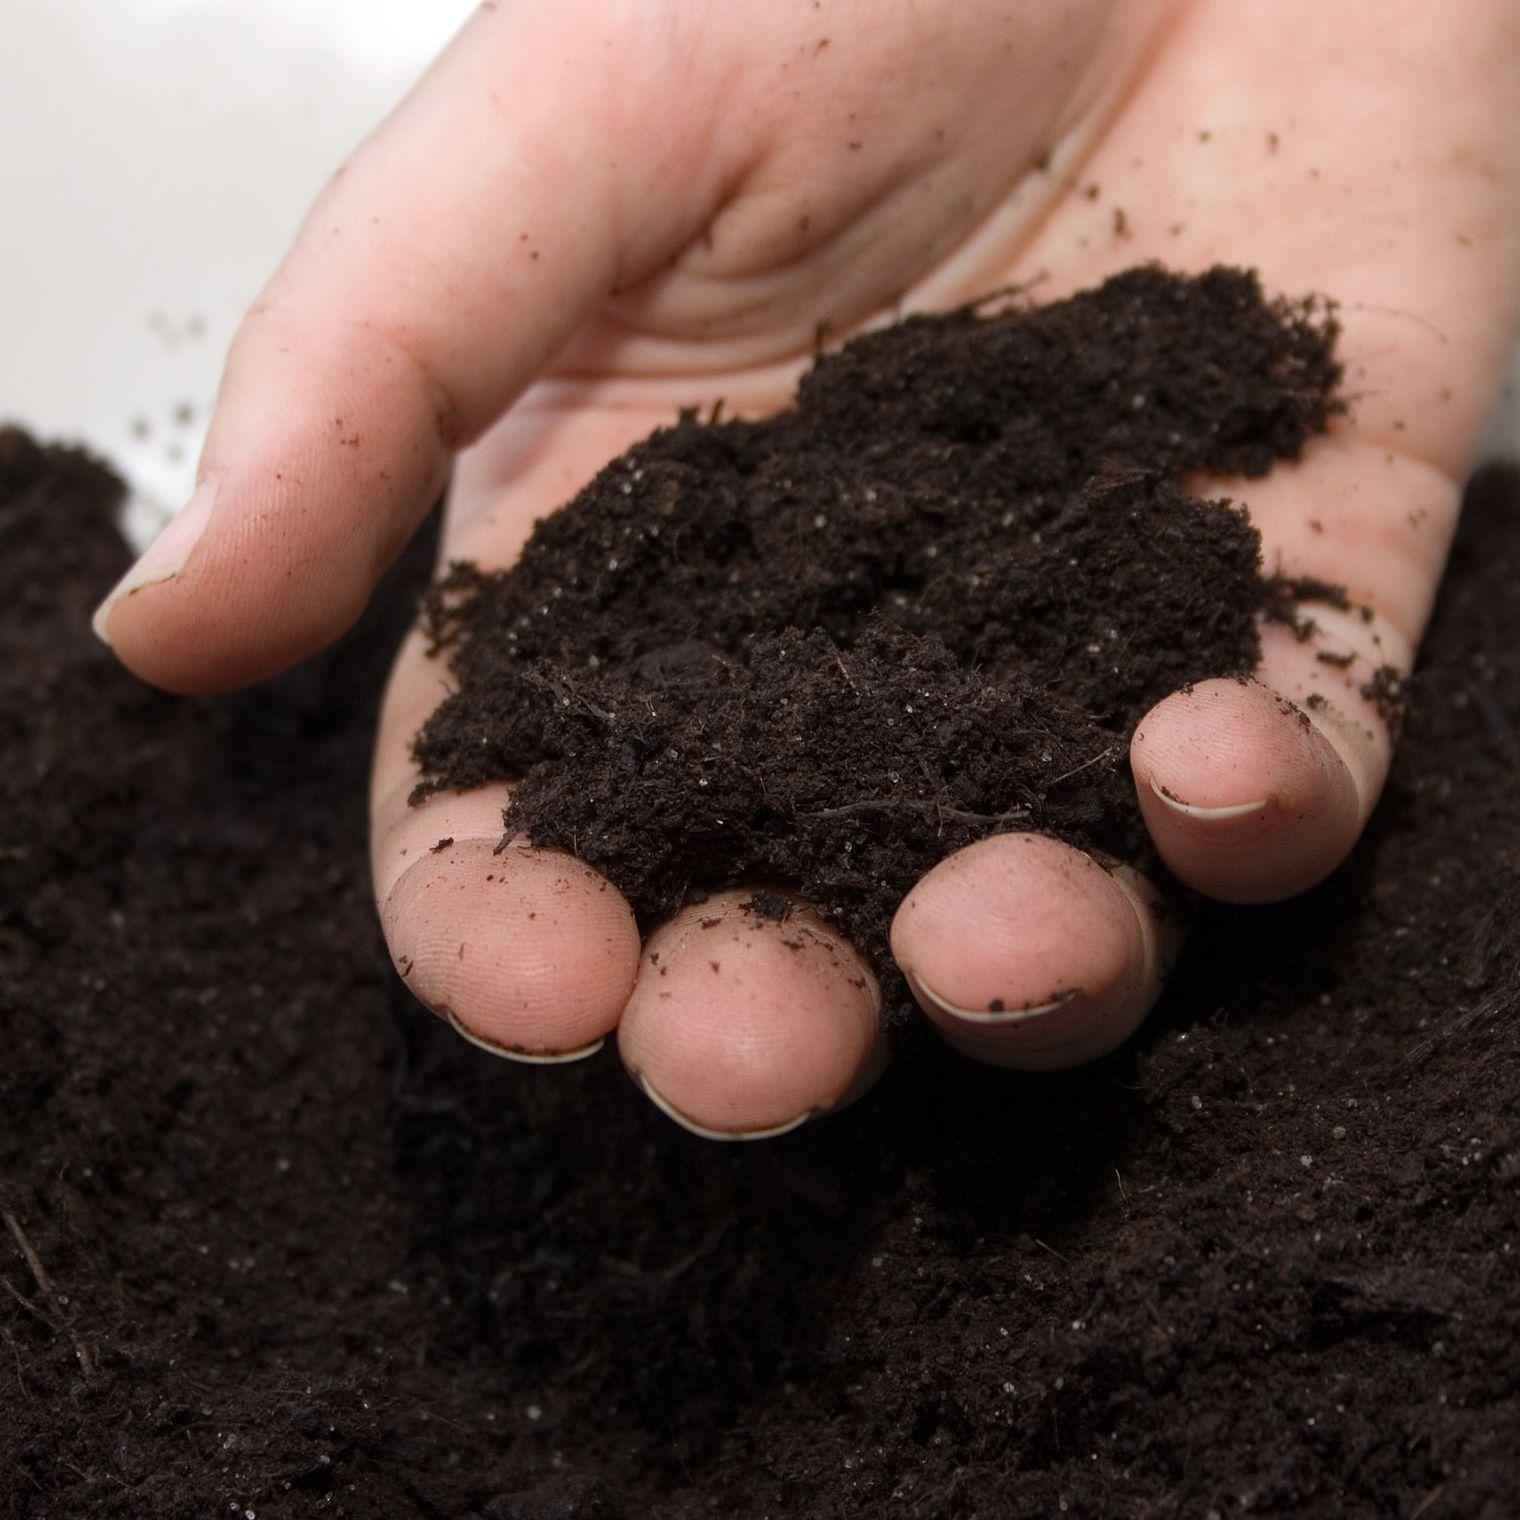 最高級微生物資材で珍しい農作物に挑戦